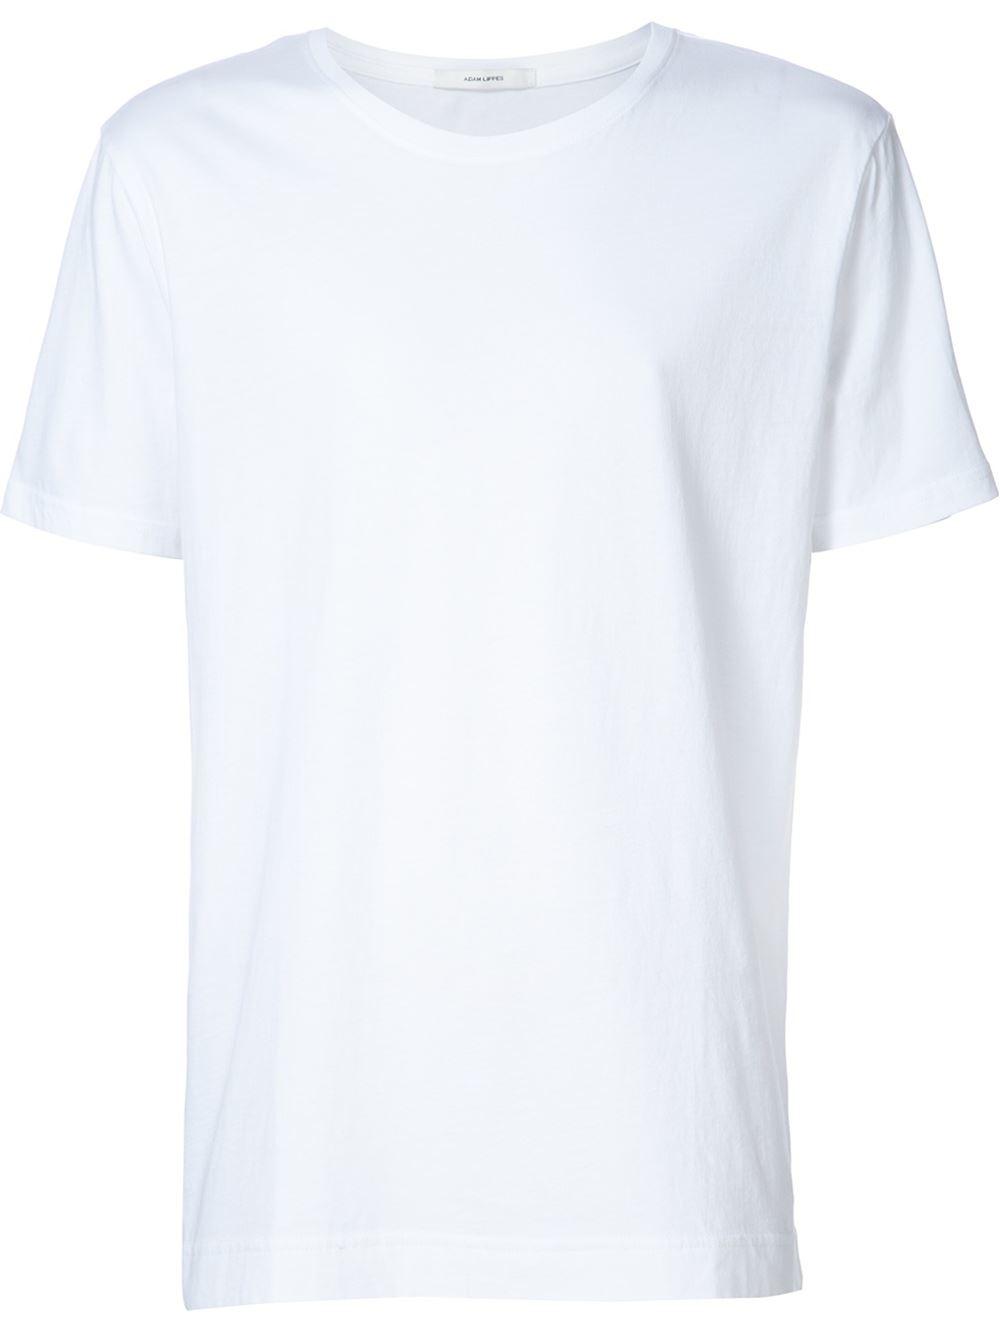 adam lippes shortsleeved t shirt in white for men lyst